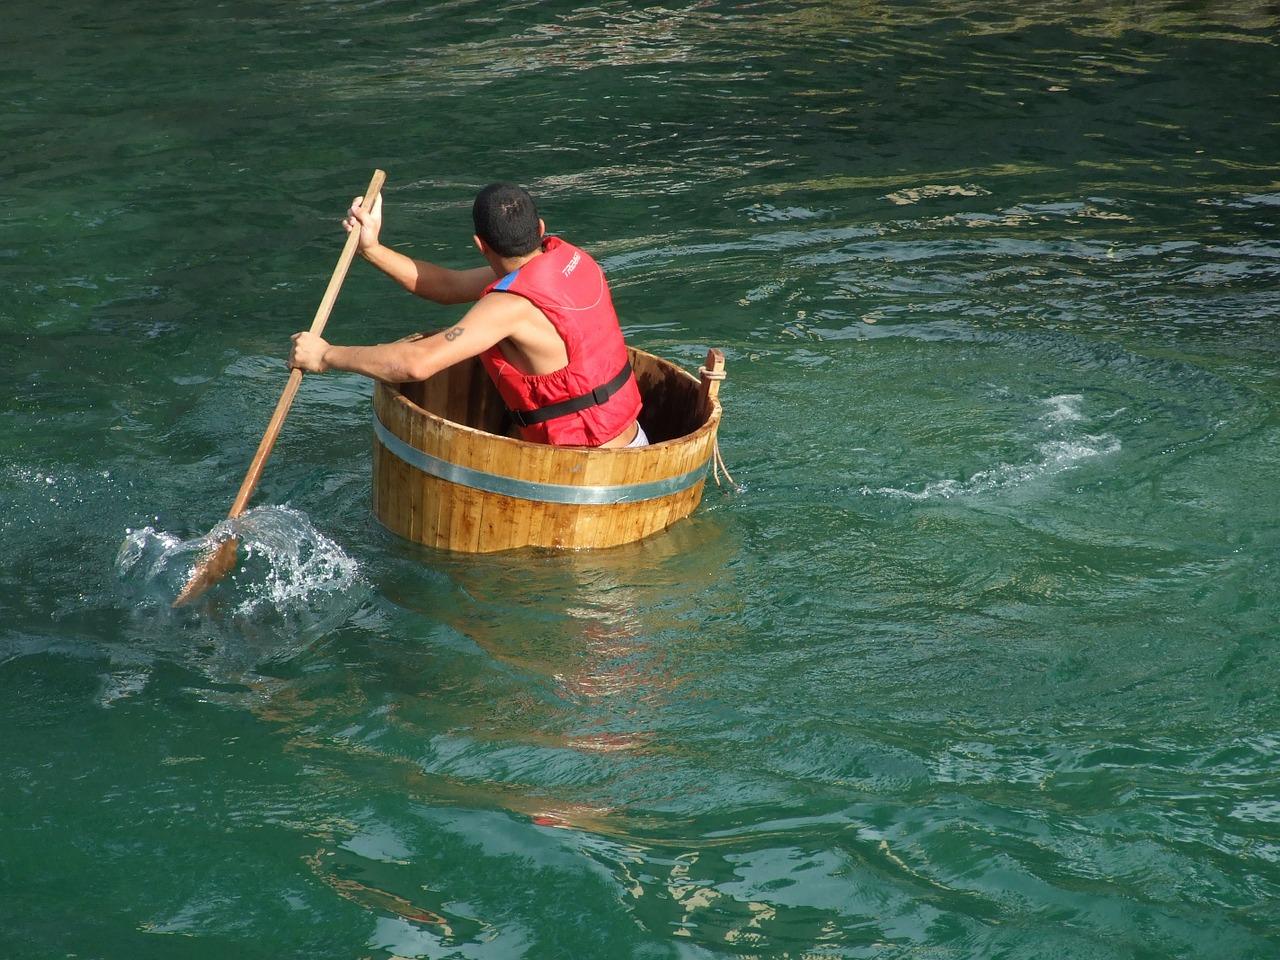 Смысл пословицы «Не зная броду, не суйся в воду»